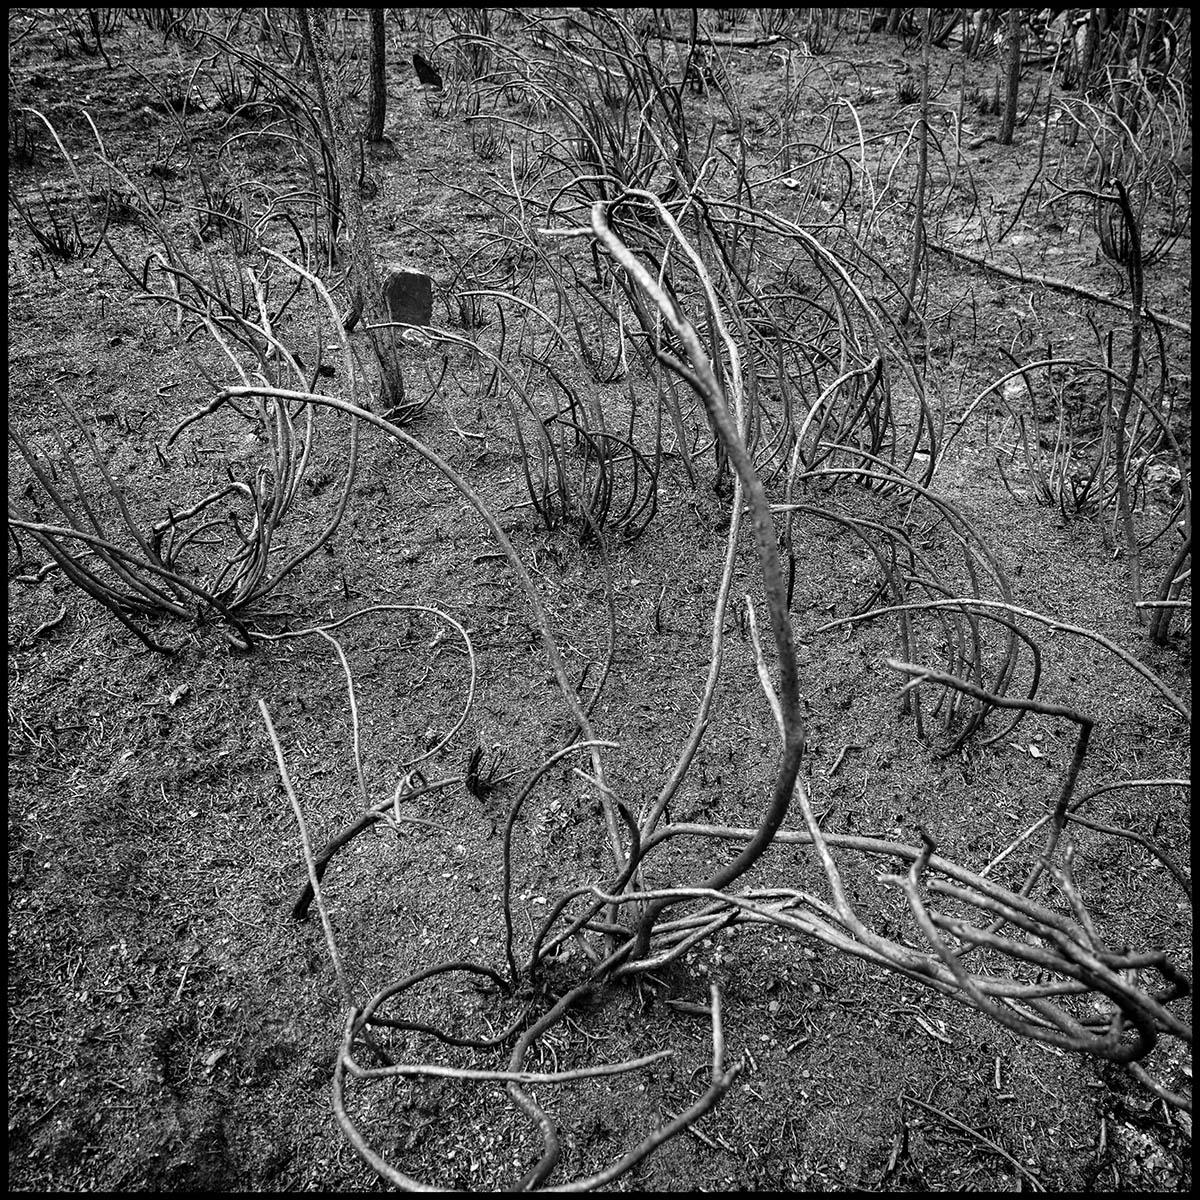 A burnt forest. Pontevedra province